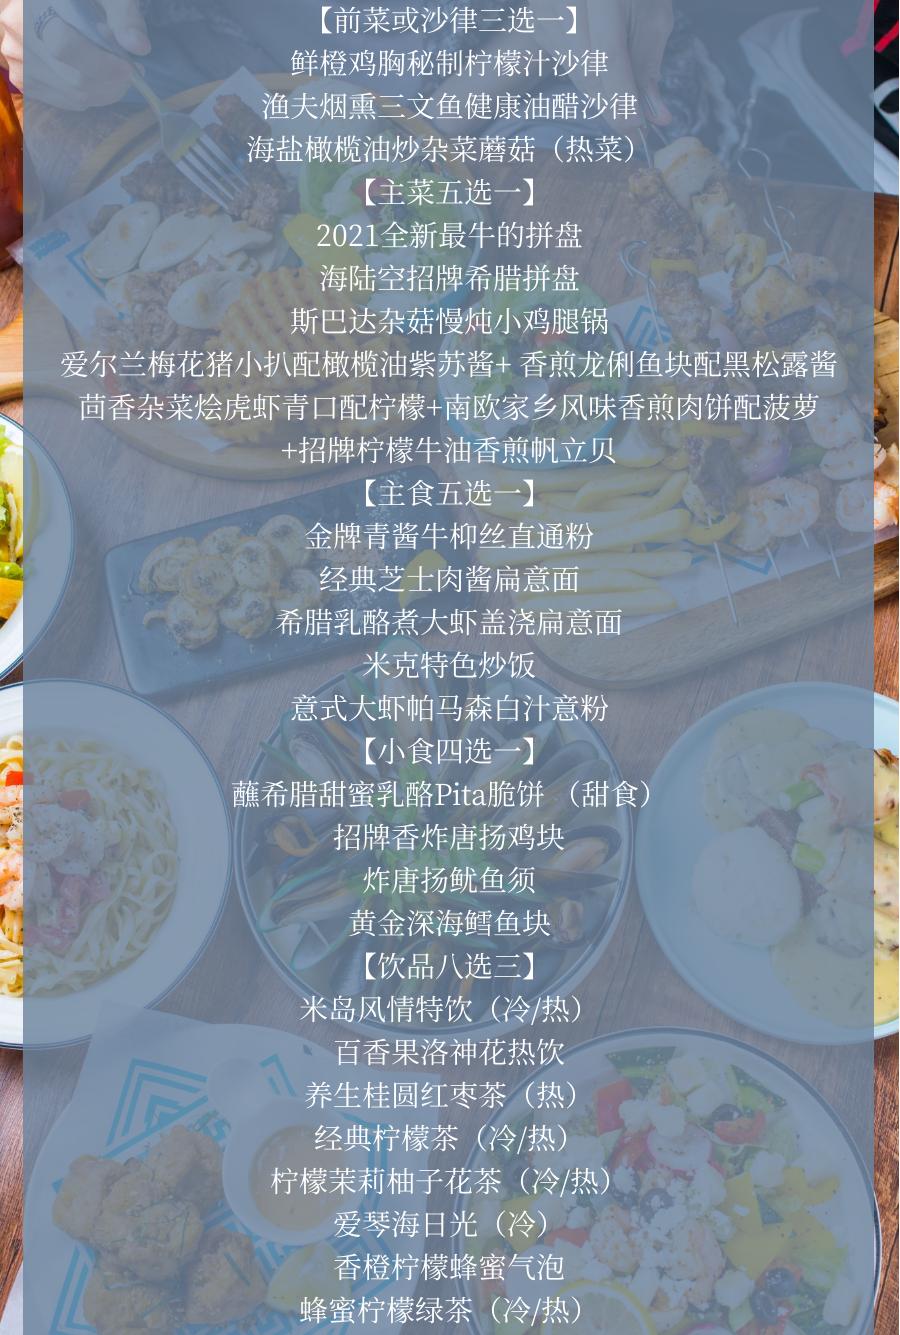 """【北京路·粤海仰忠汇 】网红打卡必属,再造希腊风味【米克小馆】仅需99元即享门市价468元特色""""地中海式""""套餐!超丰富,地中海大虾凯撒沙律、海陆空招牌希腊拼盘、培根车打芝士日本干贝豌豆芦笋烩饭、蘸希腊甜蜜乳酪Pita脆饼 (甜食)、米岛风情特饮(热)、养生桂圆红枣茶(热)、双柠柠檬茶(冷),等等...!~海陆空特色套餐等各种特色任选!很有情调哦~约三两好友,一边吃一边拍照一边唠嗑~"""